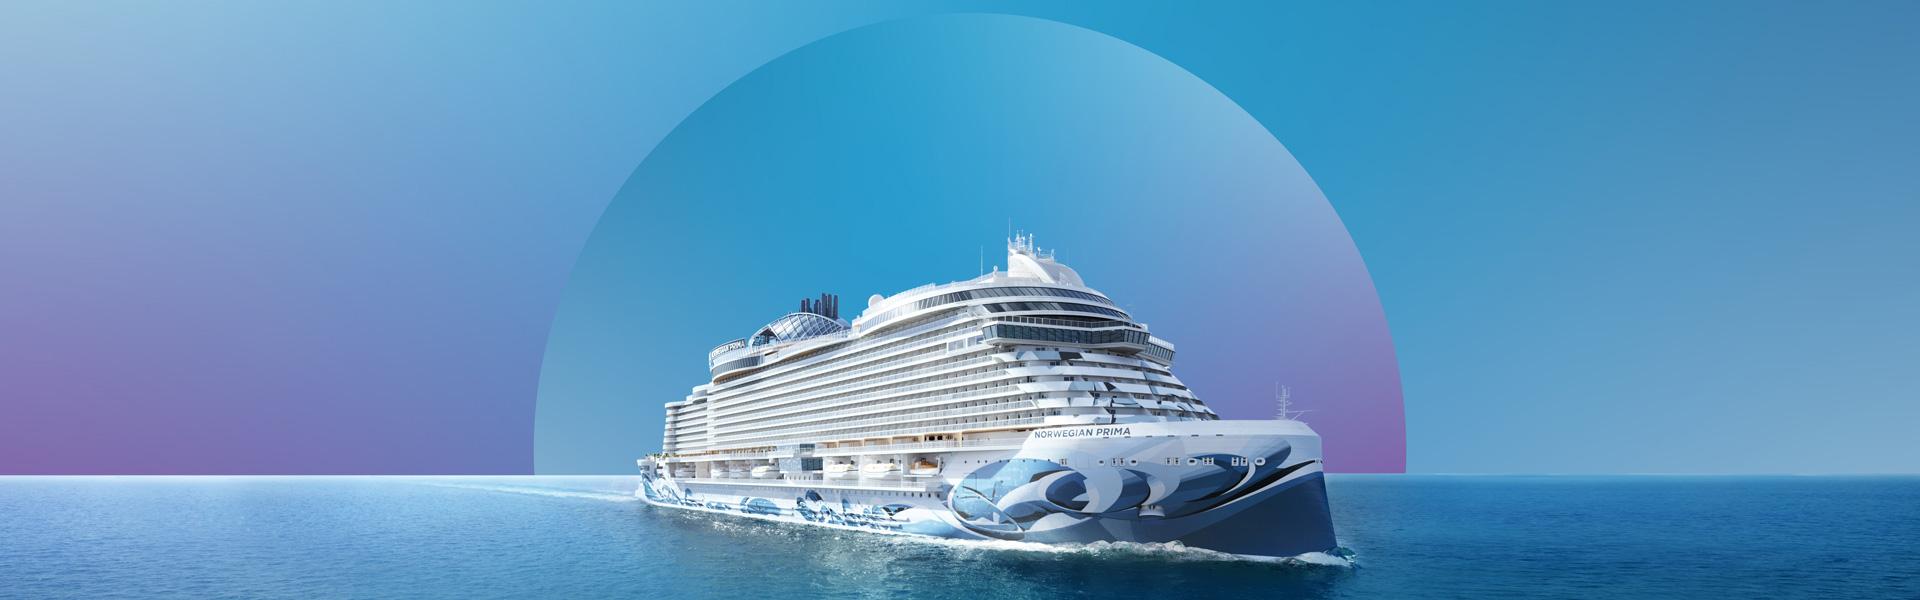 Norwegian Prima at sea